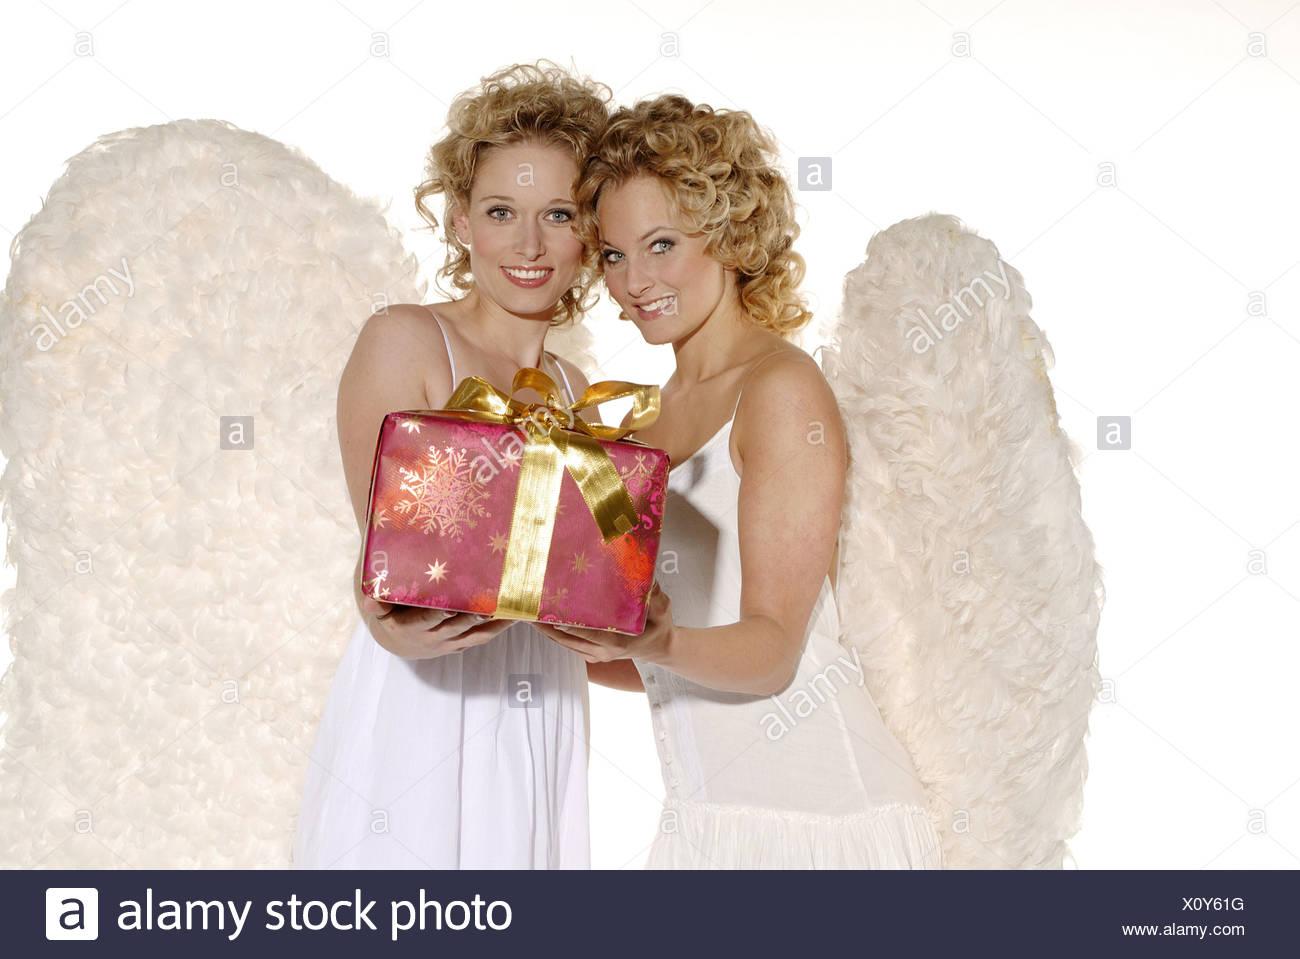 Frauen junge blonde Engelsflügel lächelnd hält fröhlich ...